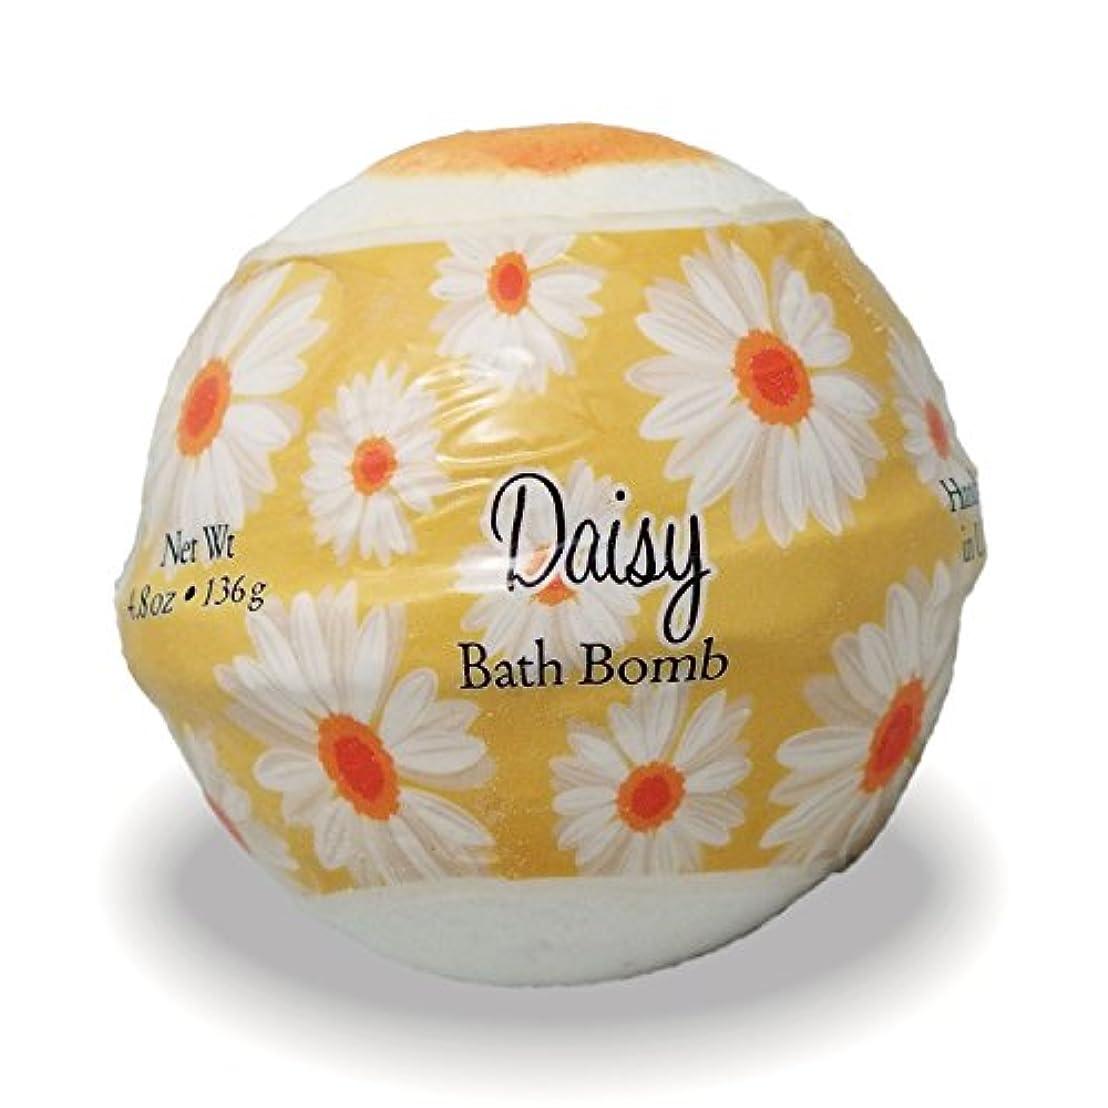 スカーフポルノどちらかプライモールエレメンツ バスボム/デイジー 136g シアバターとココナツ&アルガンオイル配合のお肌に潤いを与える発泡性入浴剤